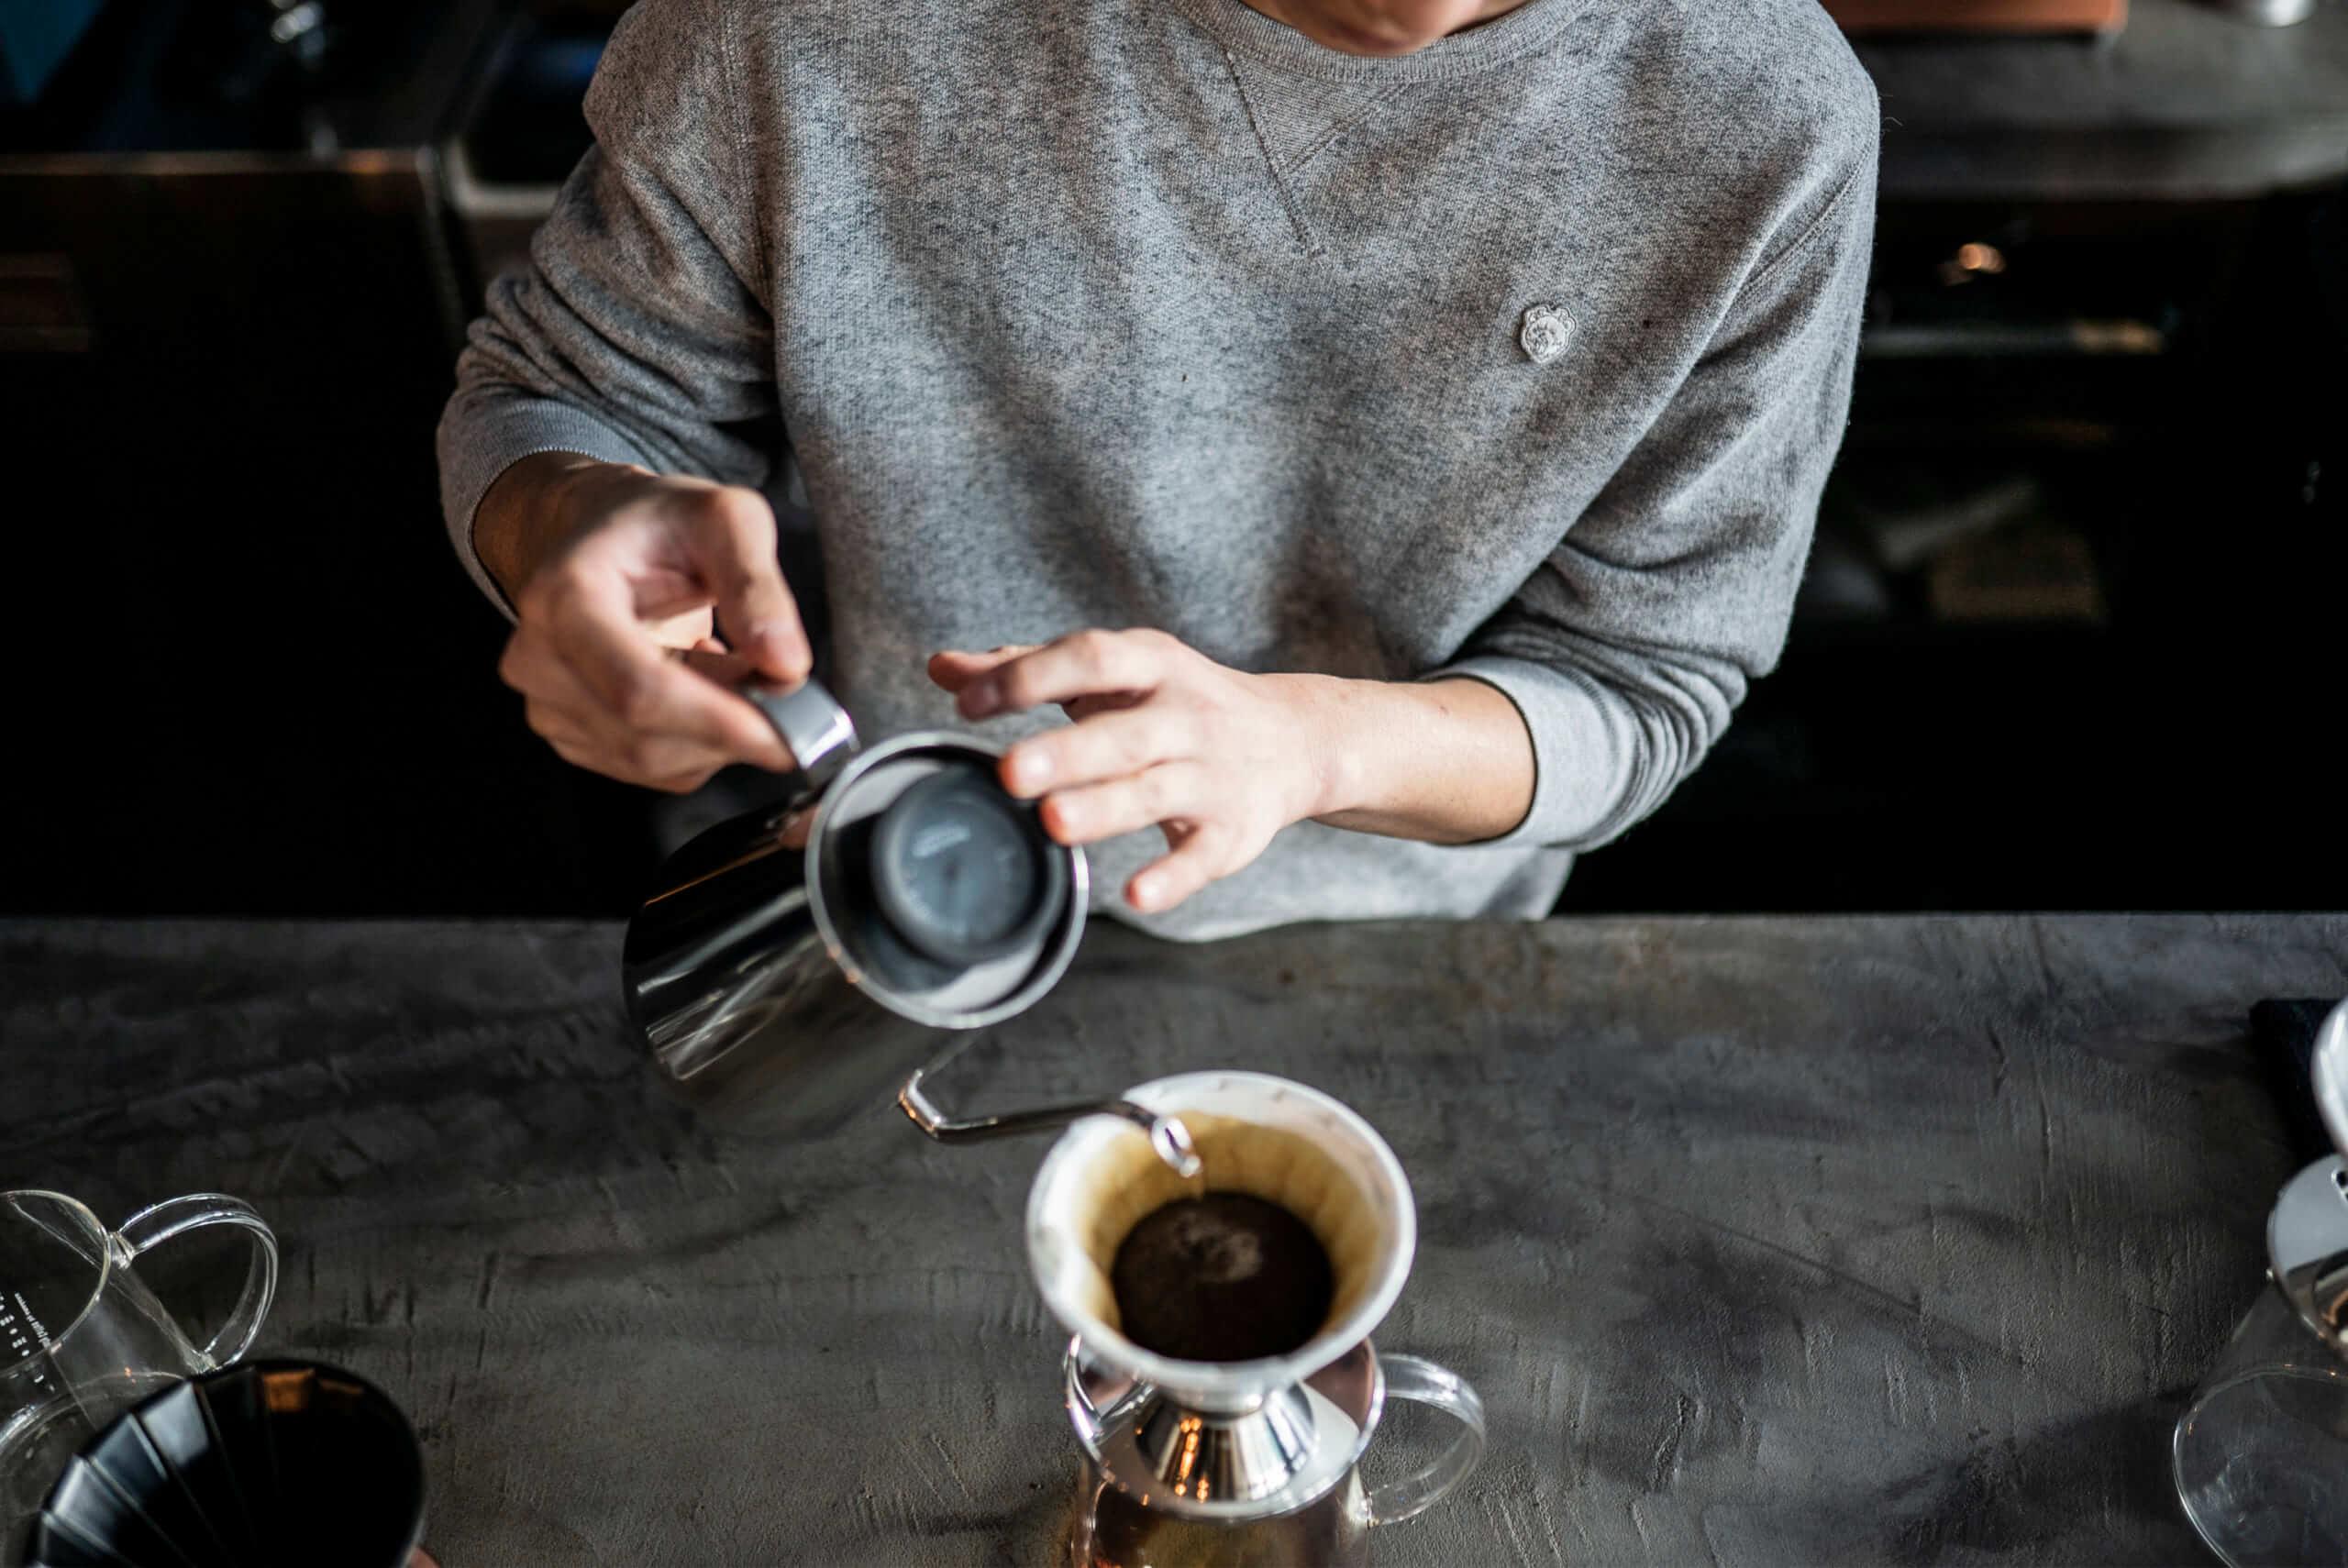 Beasty Coffee [cafe laboratory](ビースティーコーヒー カフェラボラトリー)の店員さんの手元